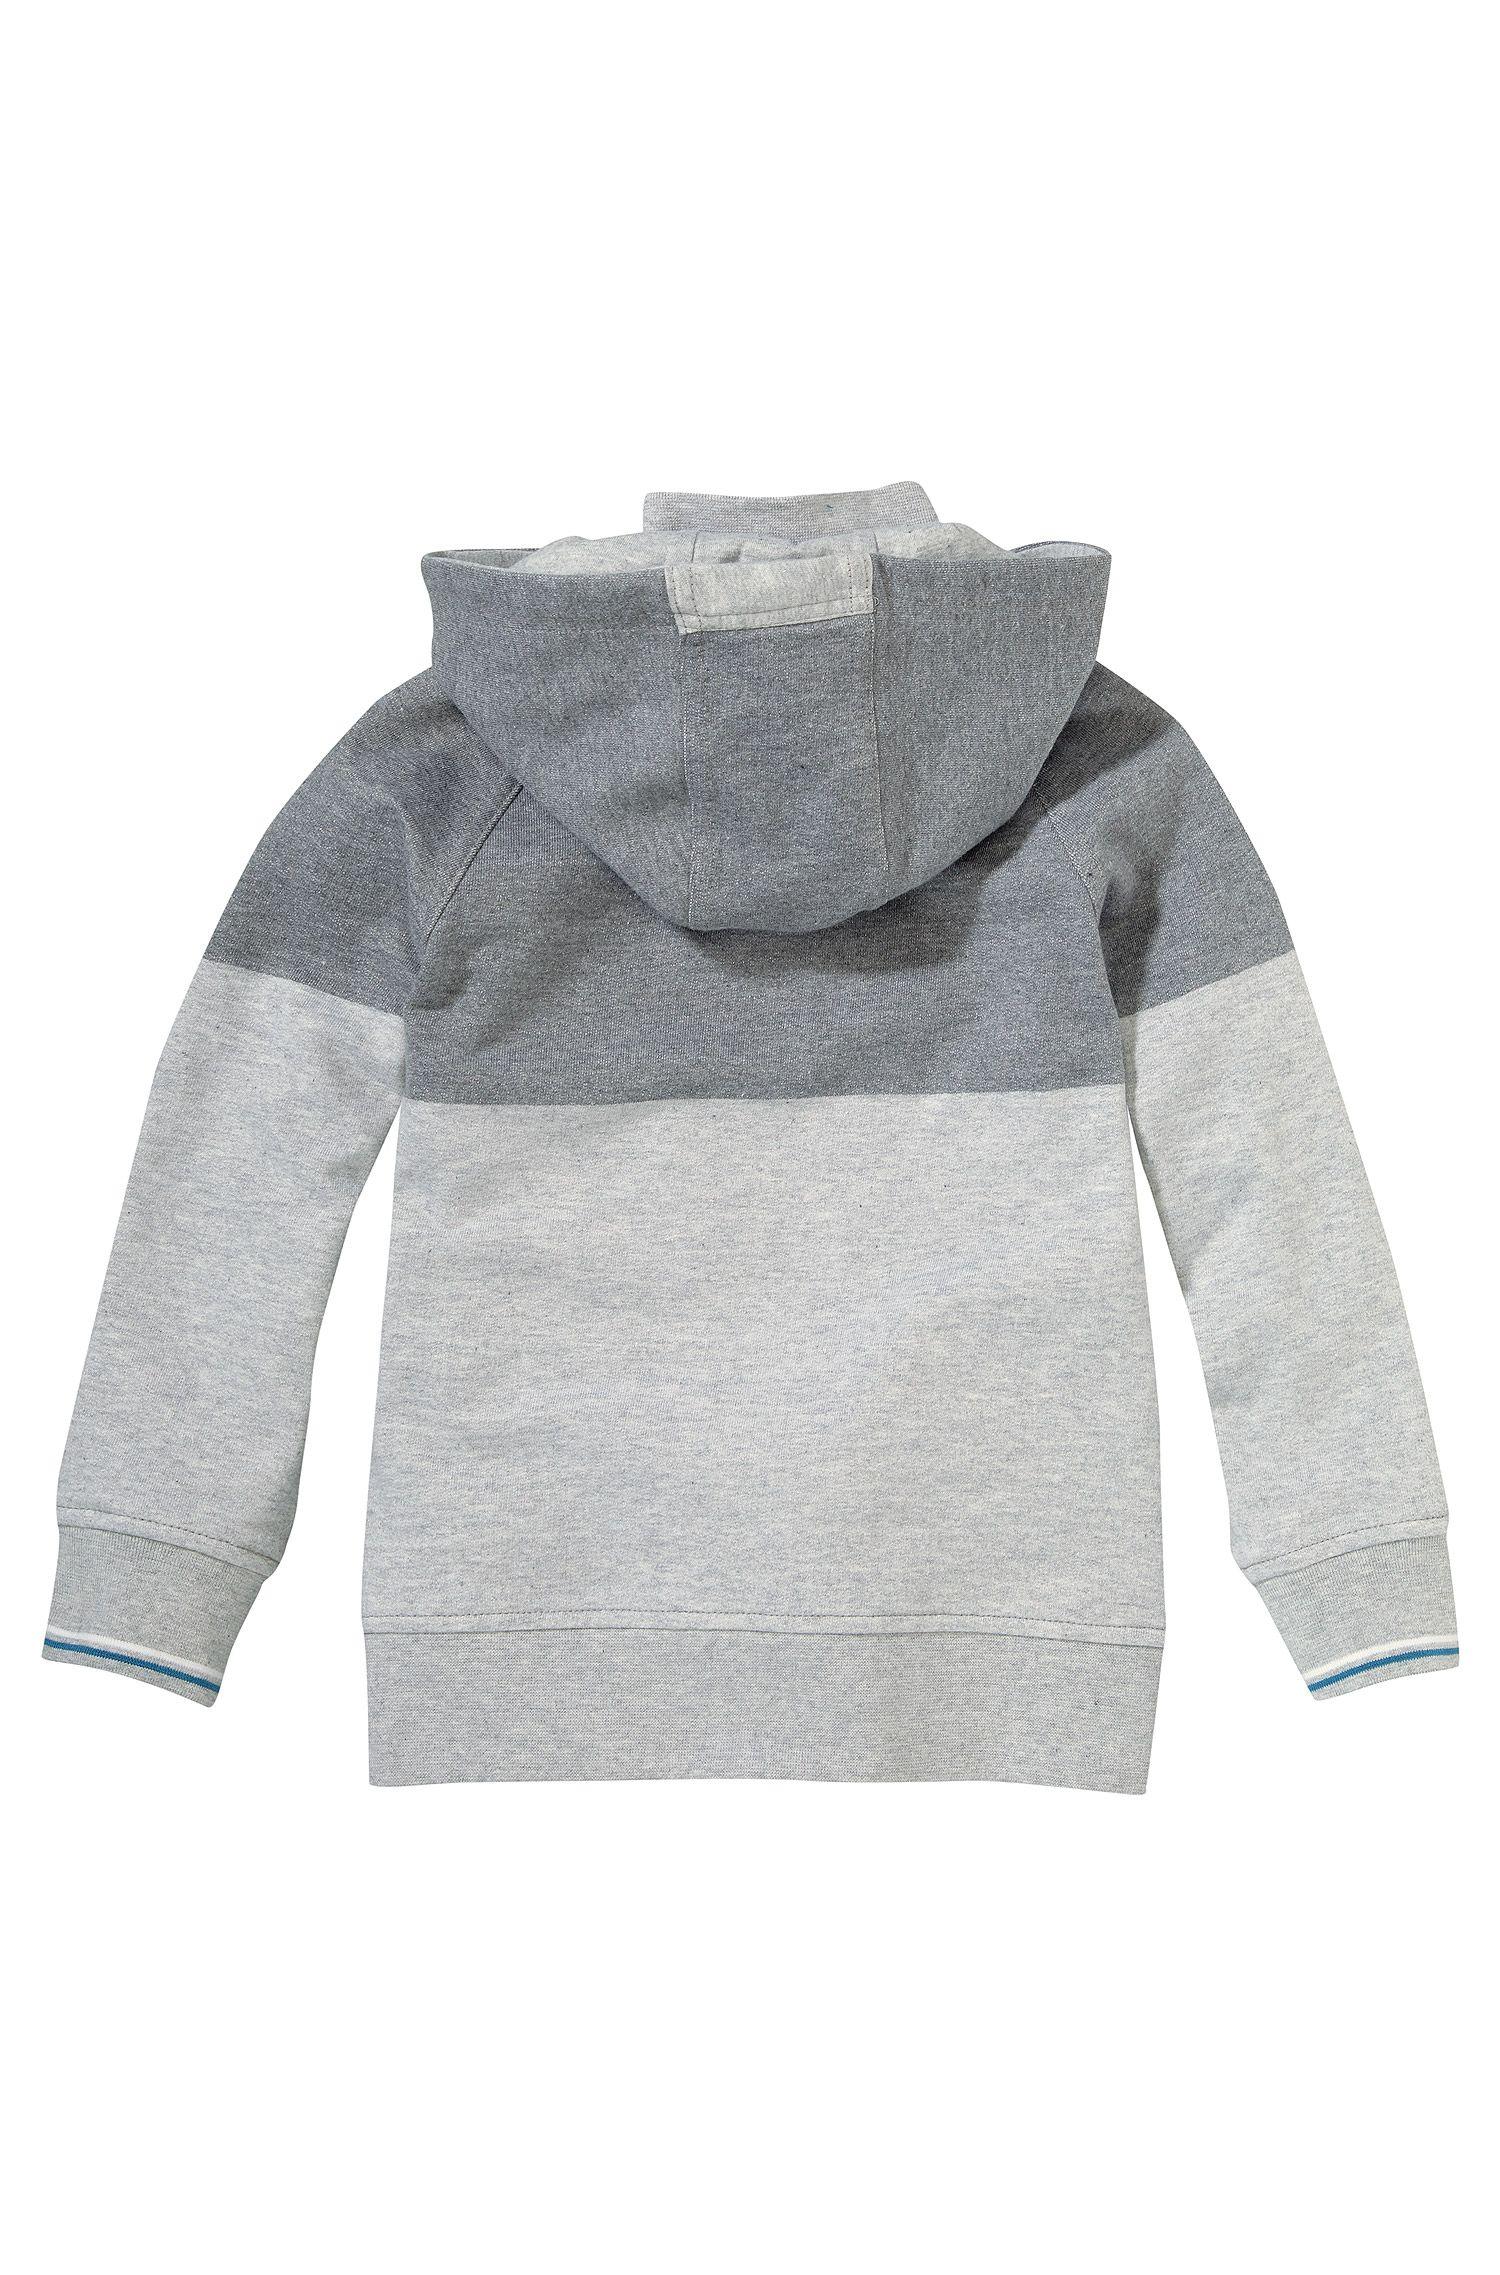 Blouson sweat à capuche pour enfant «J25789» en coton